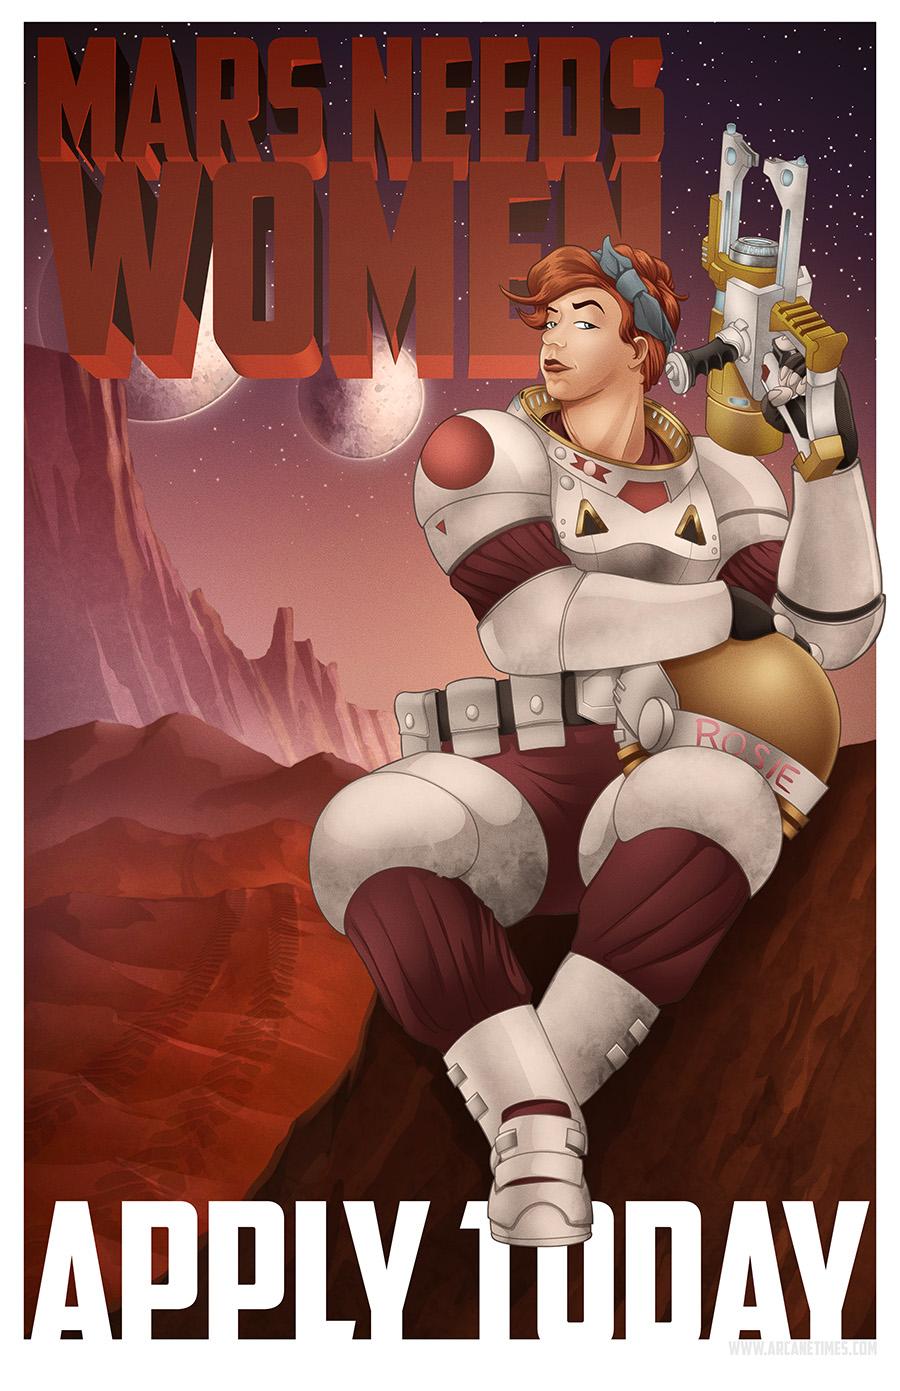 MarsNeedsWomen_PosterWeb.jpg